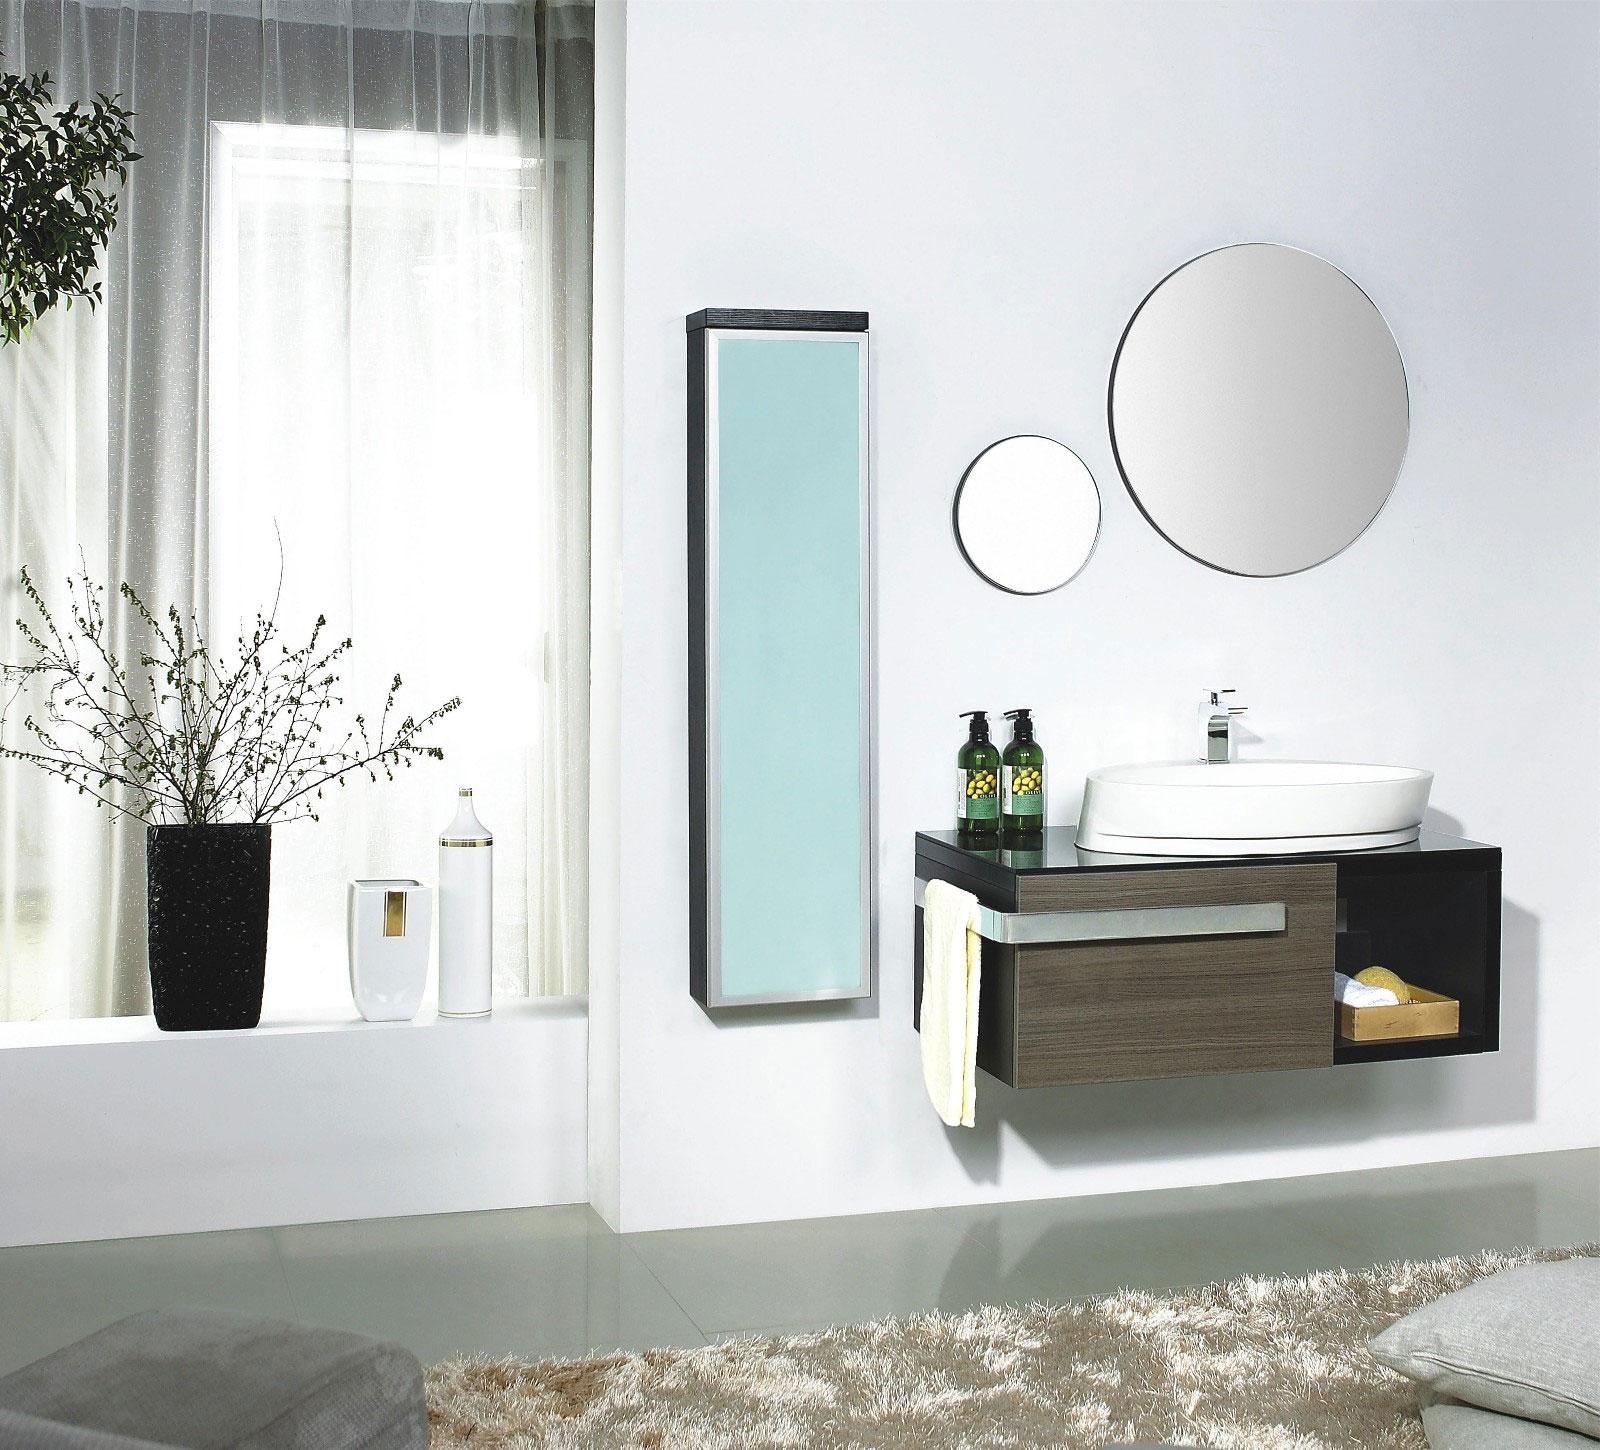 Contemporary Wall Mirrors Decorative Inarace With Wall Mirrors Contemporary (Image 6 of 15)